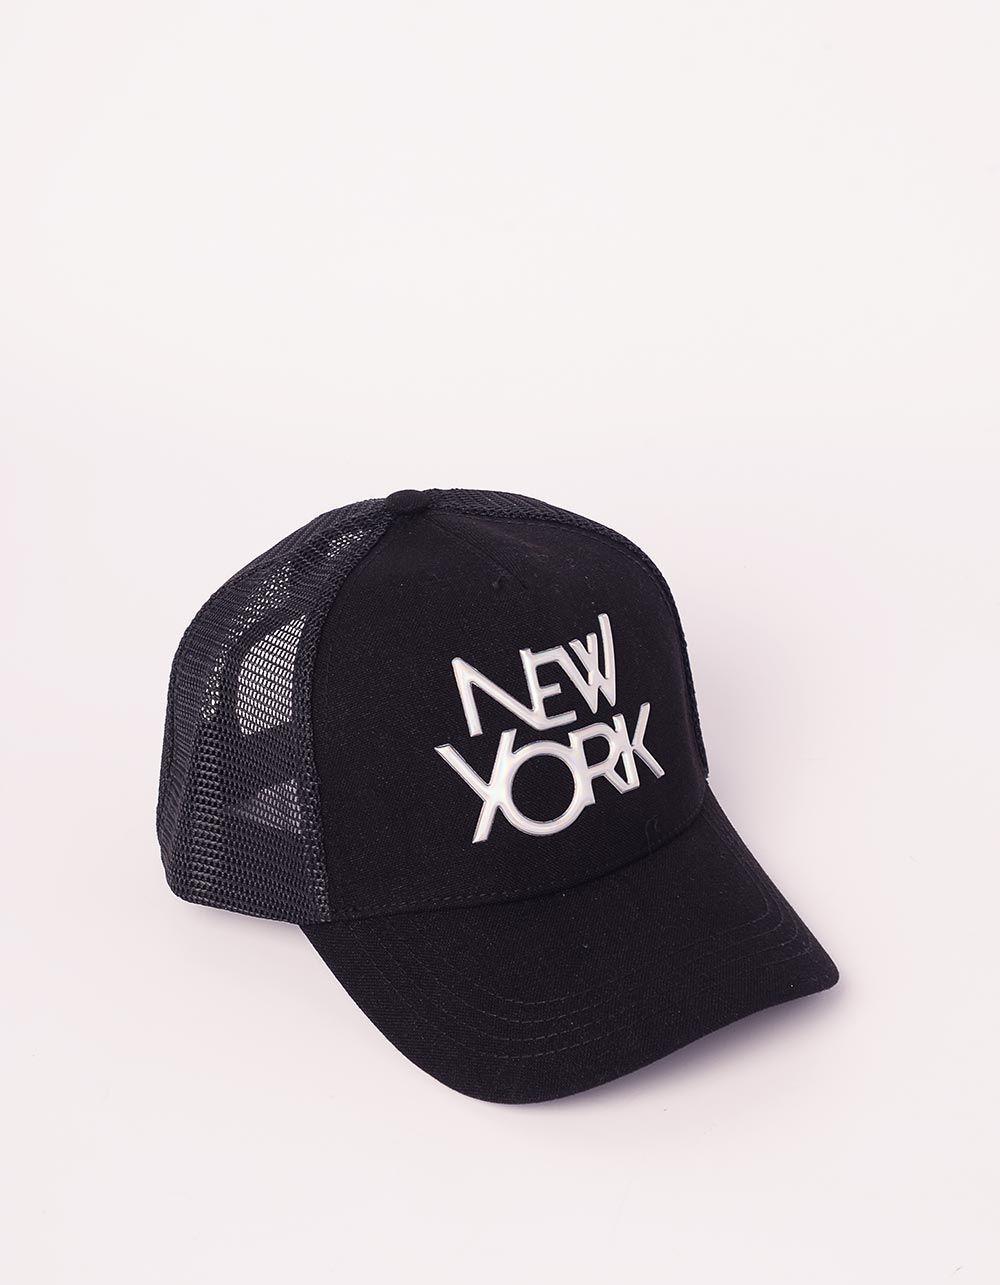 Бейсболка з написом NEW YORK | 240880-21-XX